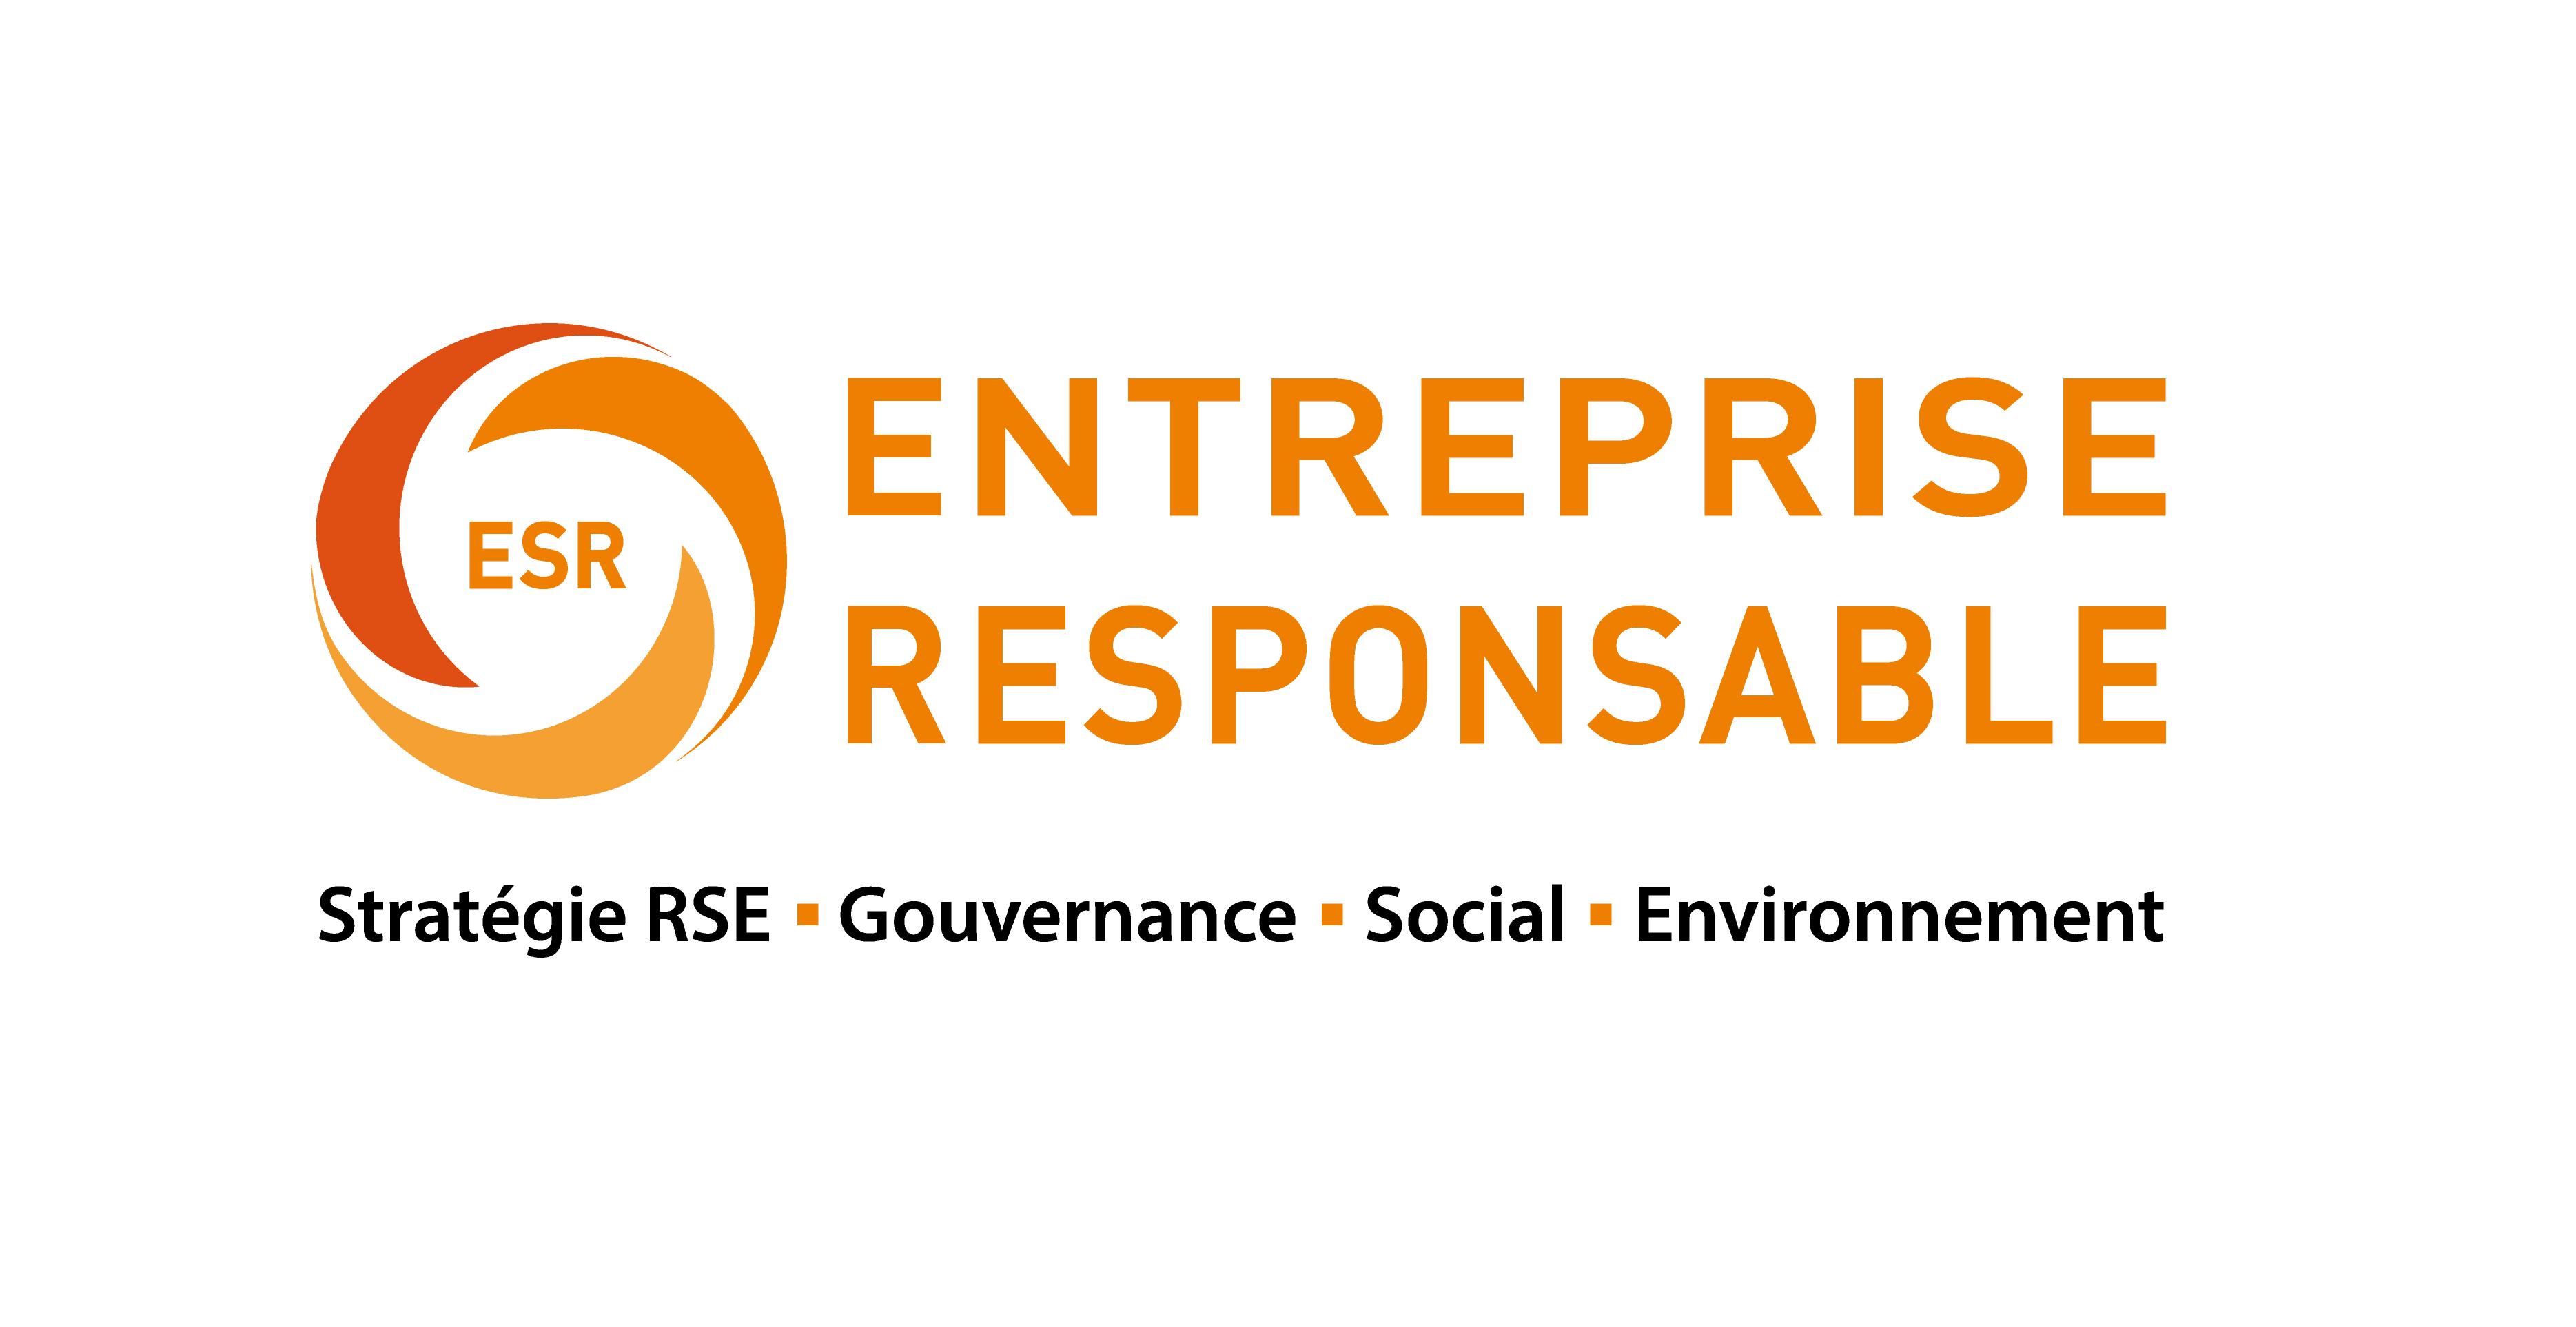 Entreprise socialement responsable